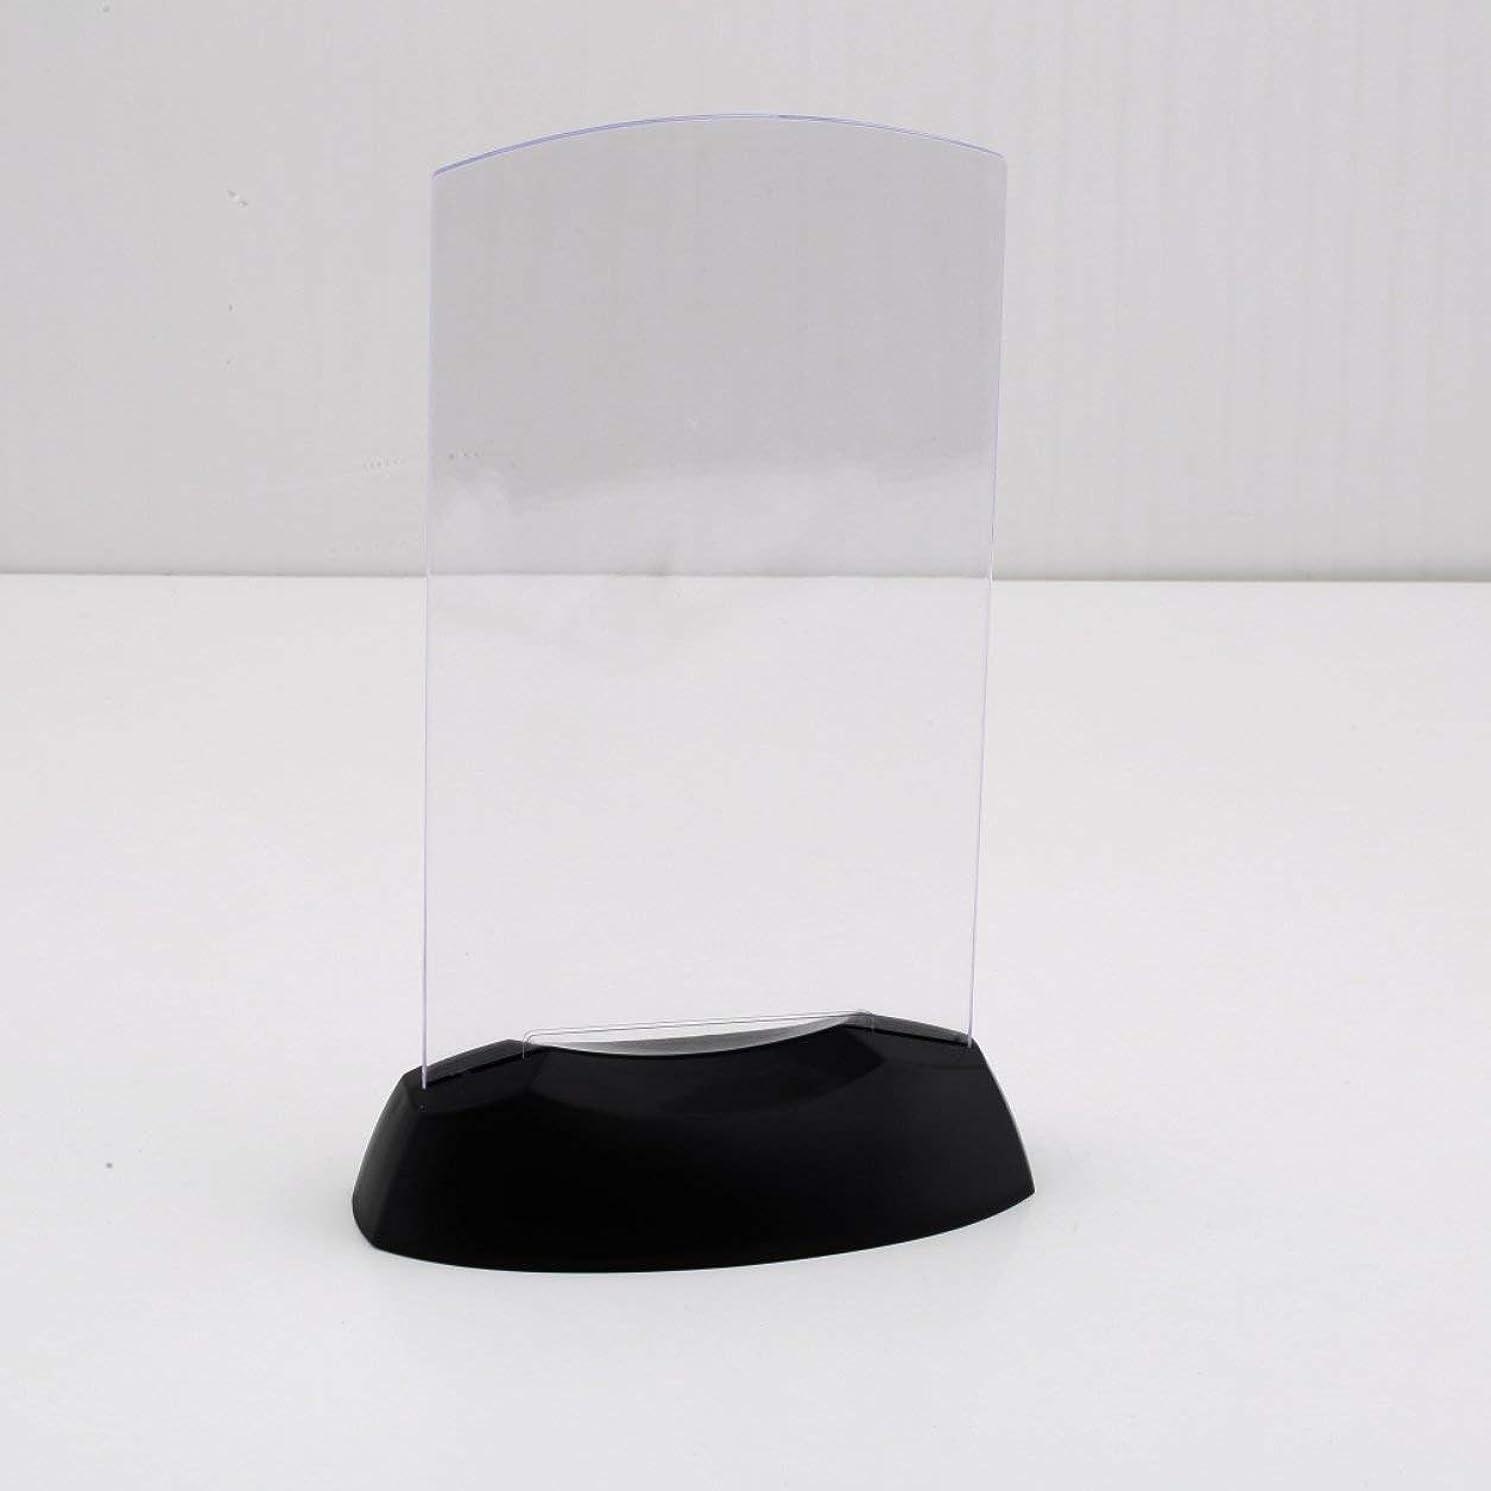 ヒロイックバタフライアノイSaikogoods デュアルサイド アクリル射出成形 クリアデザインホルダースタンド LEDライト表メニュー レストランカードディスプレイ ランダムカラー